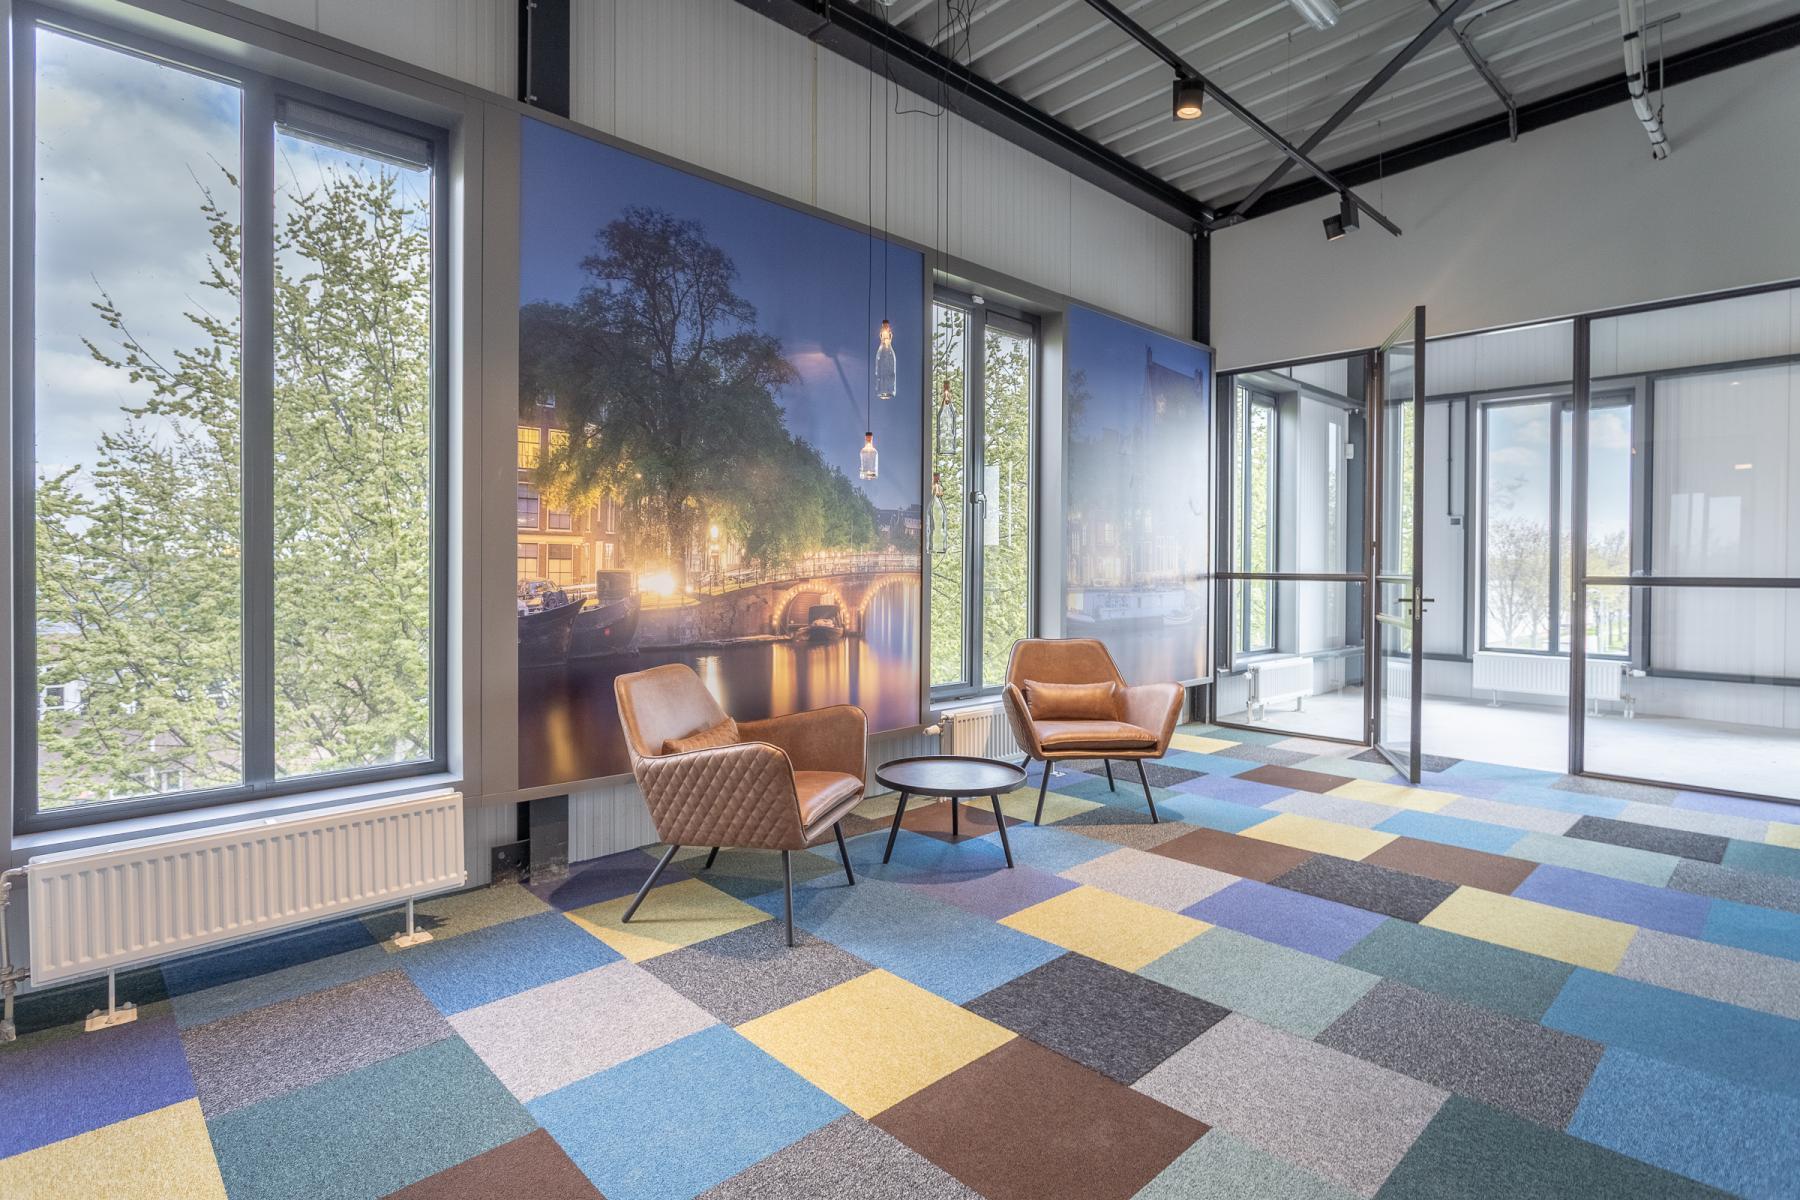 Ontvangsthal kantoorruimte kantoorpand kantoorkamers Amsterdam Slego